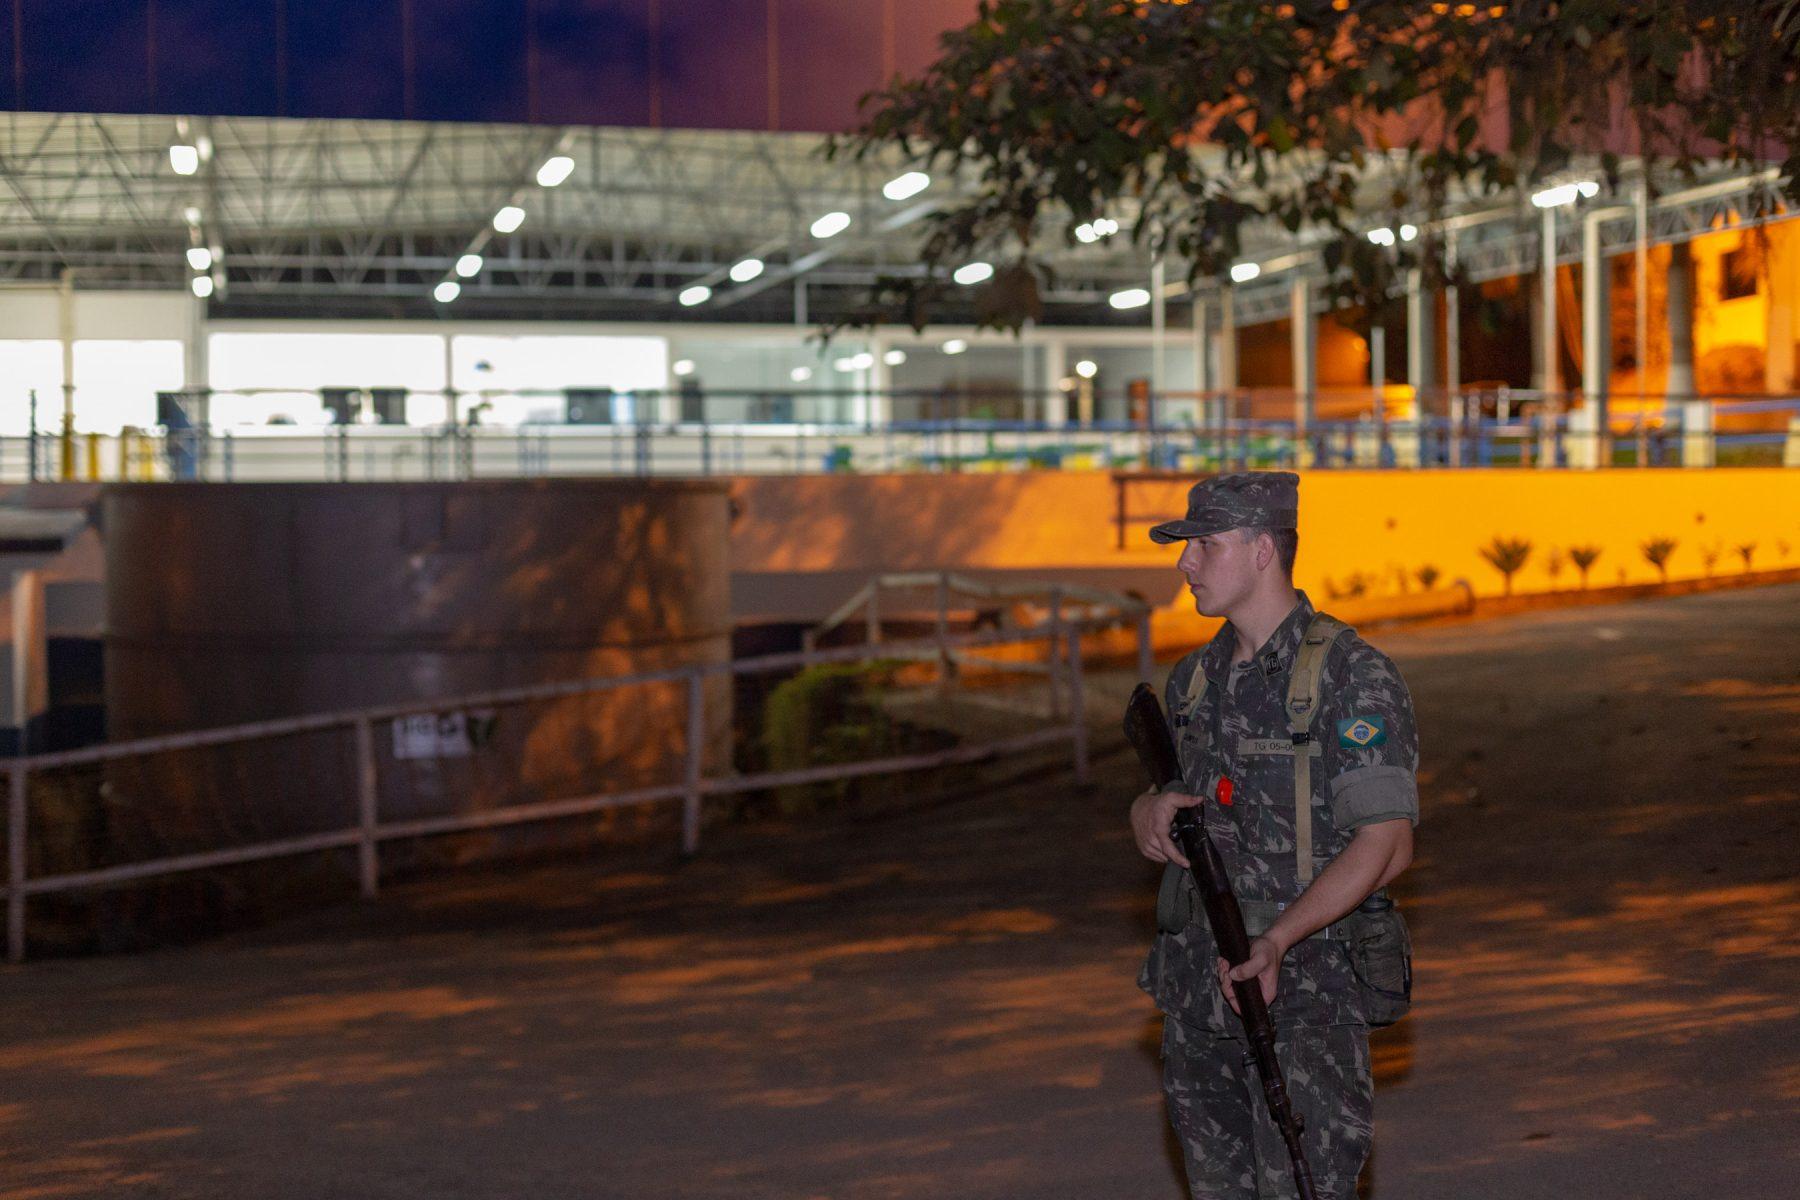 Tiro de Guerra realiza Exercício de Instrução de Garantia da Lei e da Ordem (GLO)